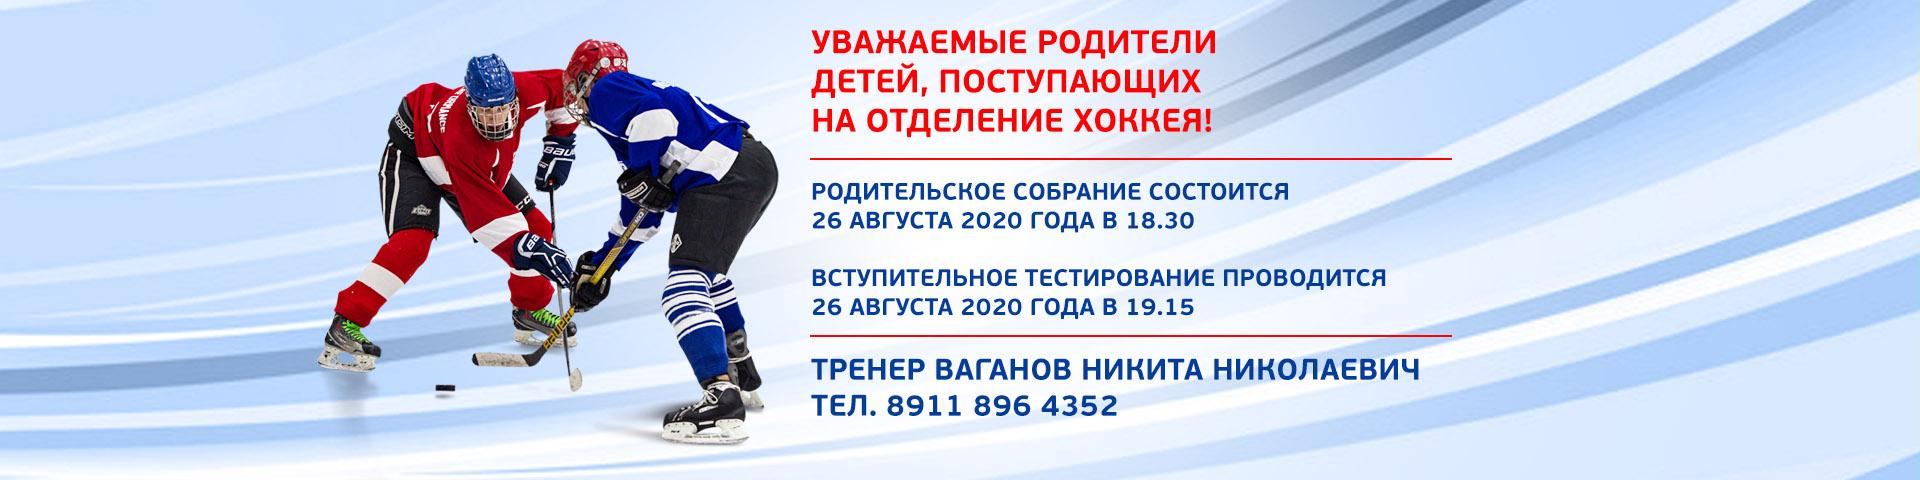 banner-08-2020-sobranie-hokkey